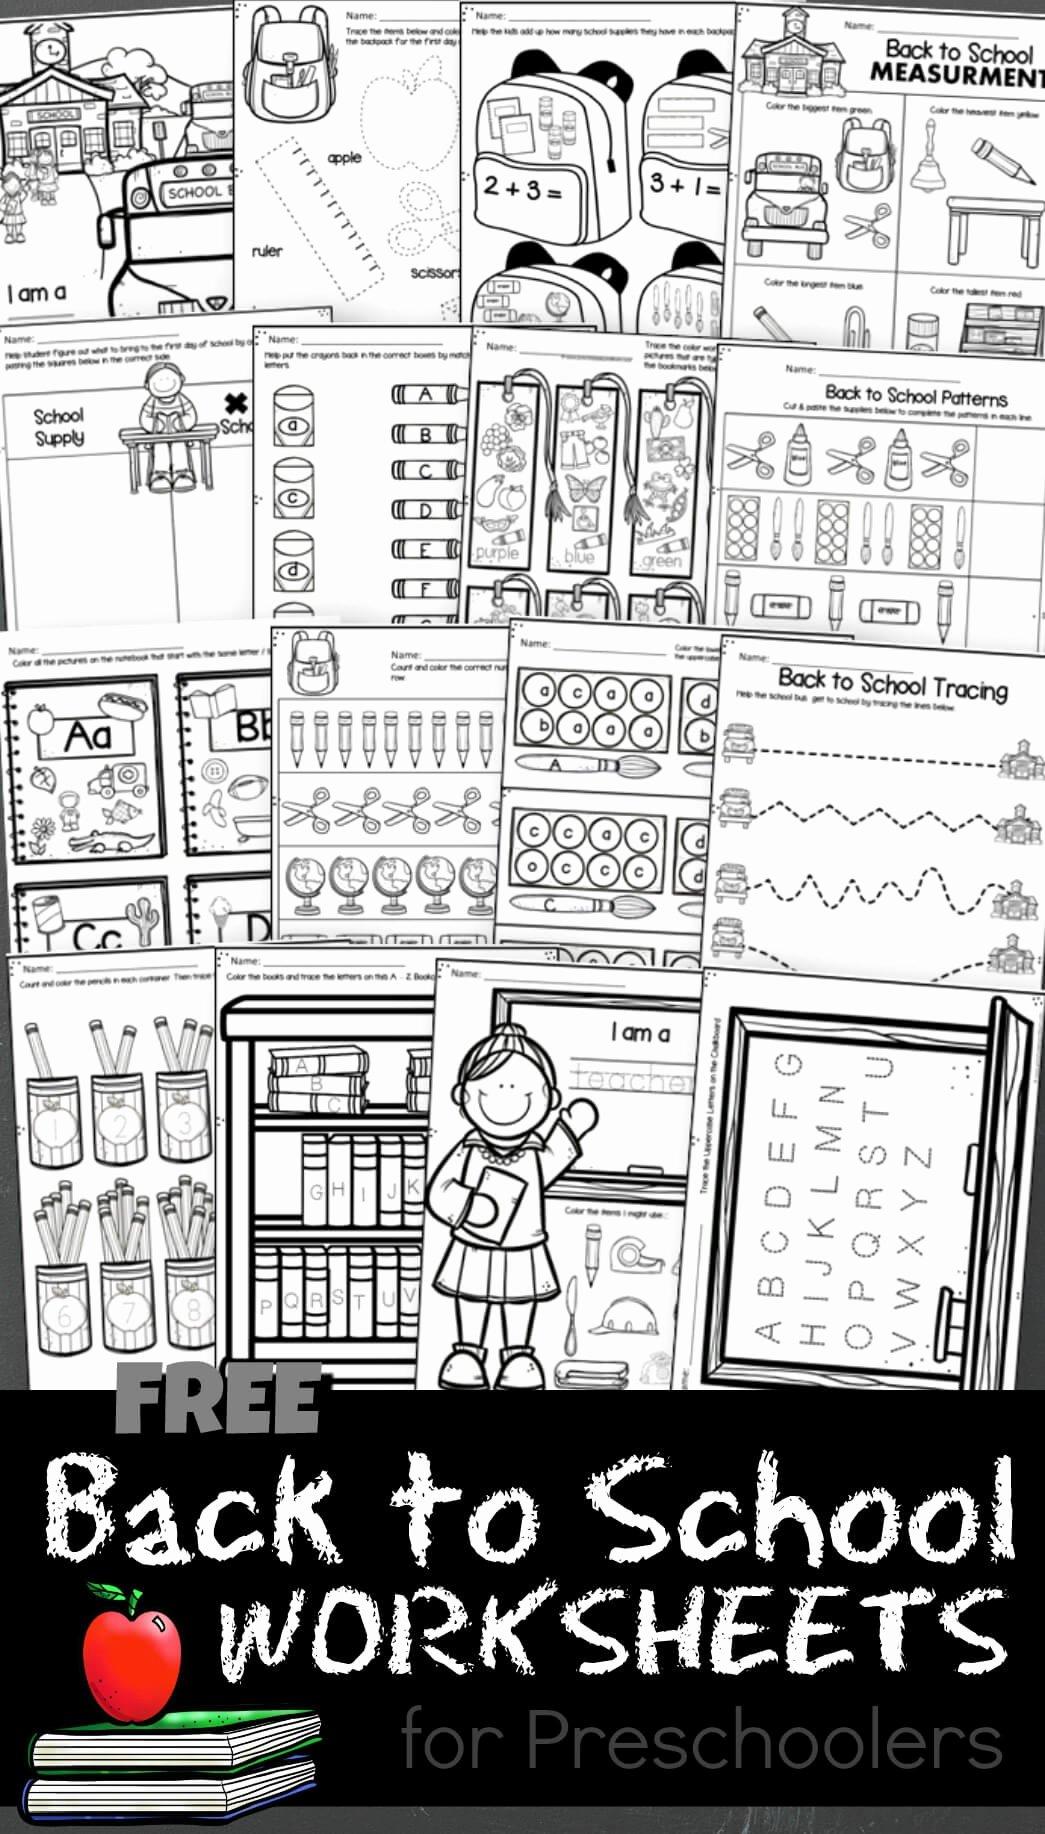 Back to School Worksheets for Preschoolers top Free Back to School Worksheets